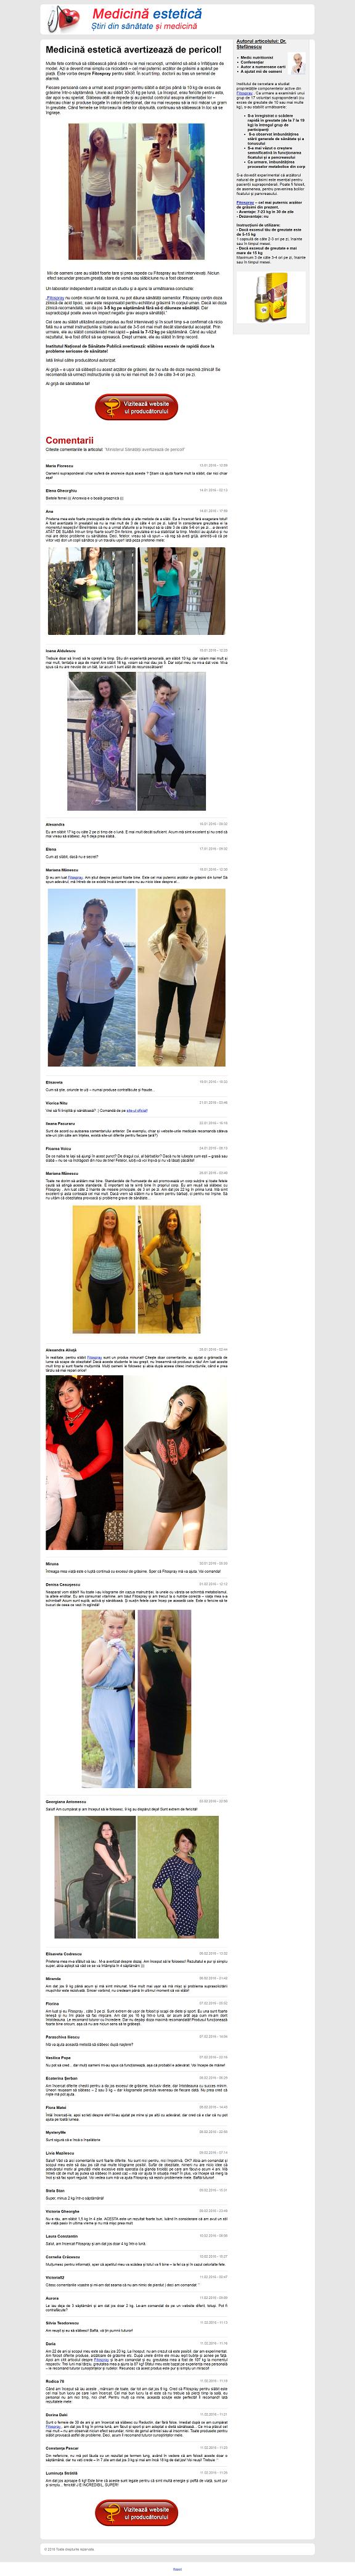 31 10 pierdere în greutate)